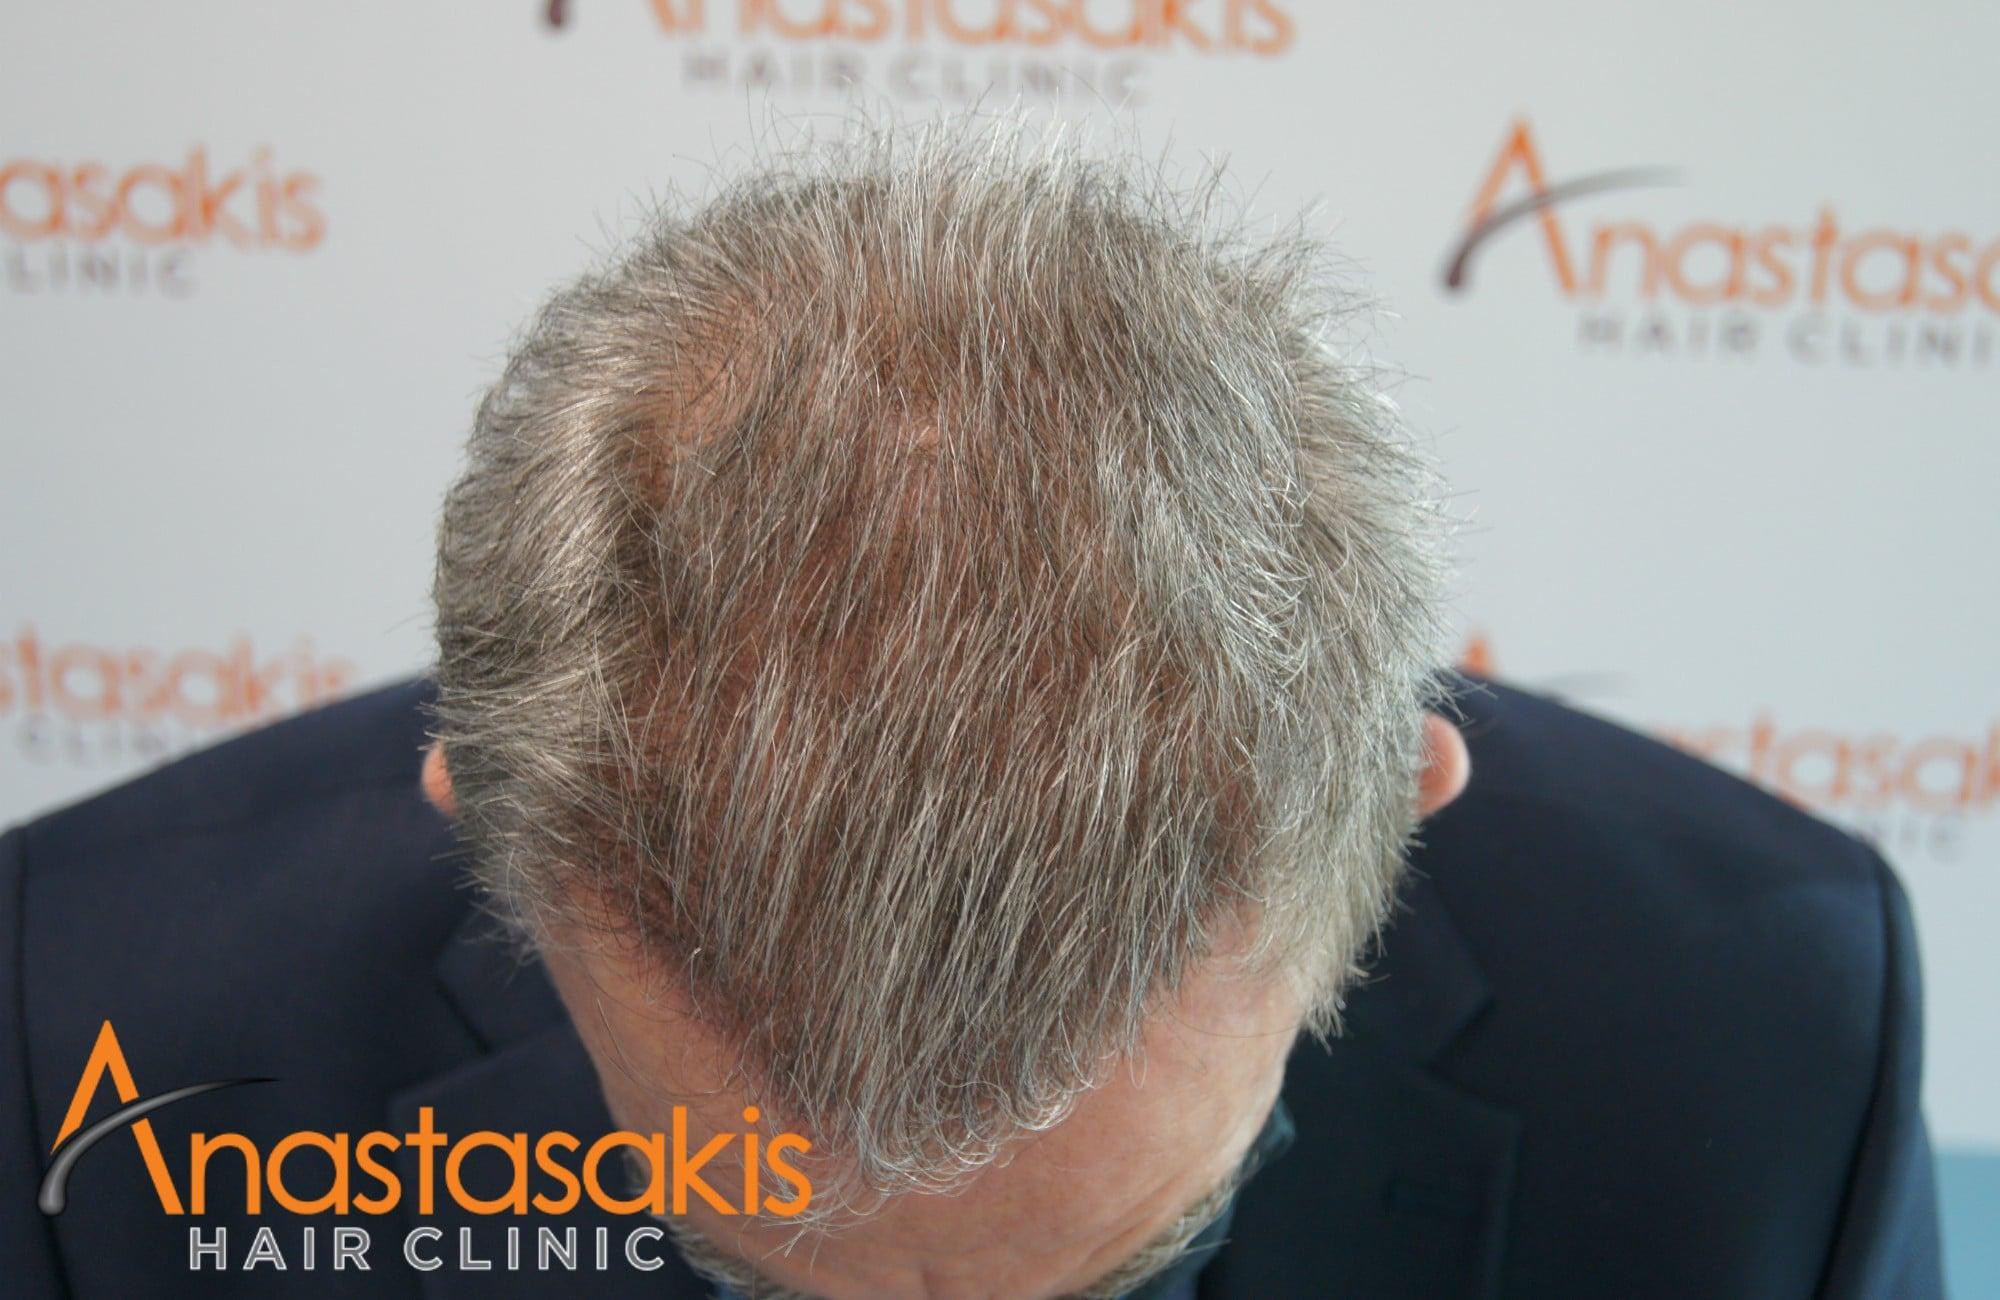 προσθια περιοχη ασθενους μετα τη μεταμοσχευση μαλλιων με 3650 fus